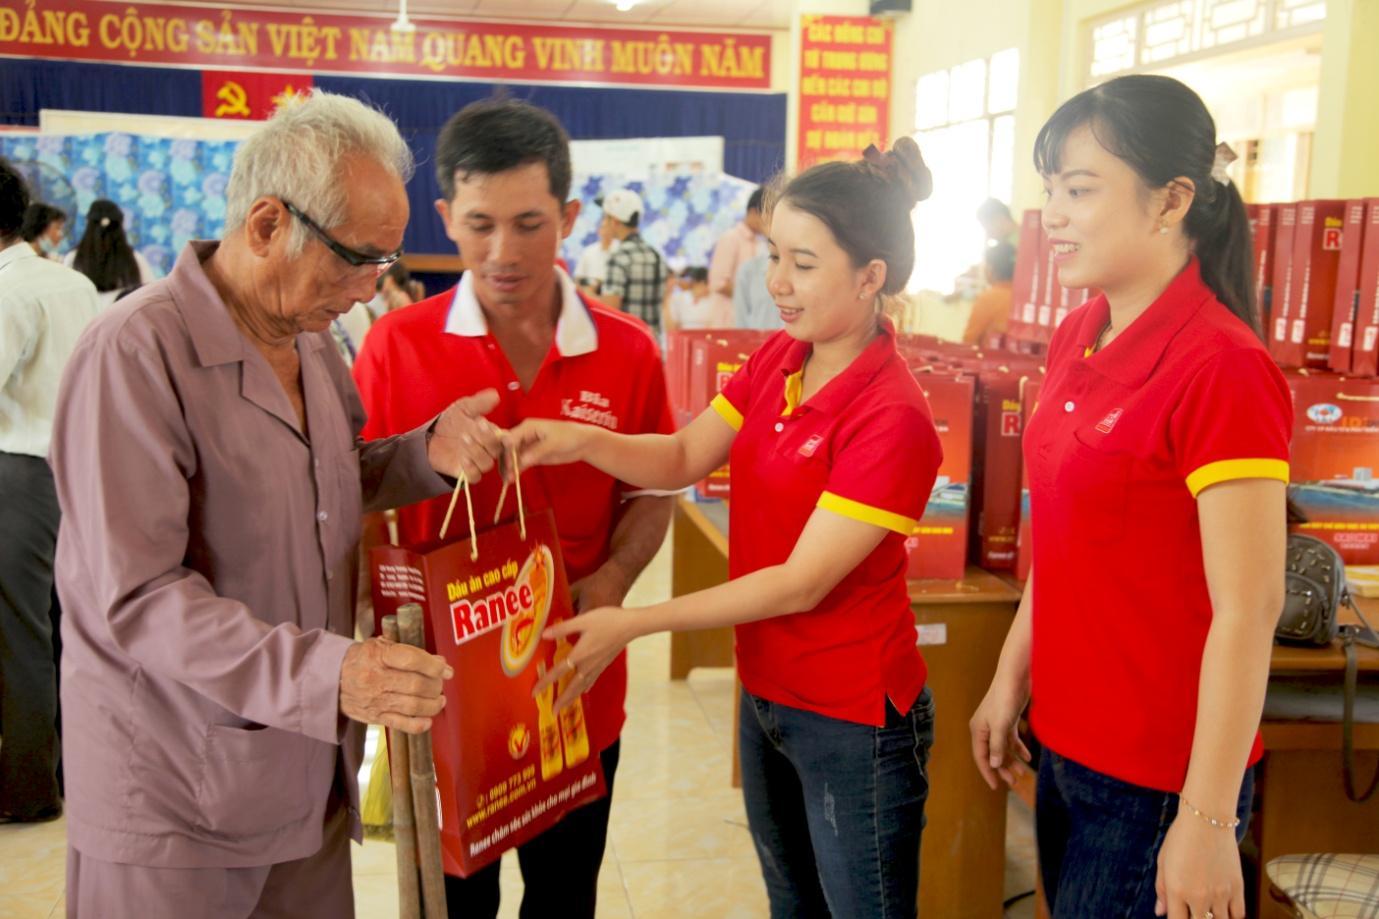 Description: Những món quà ý nghĩa được nhân viên Sao Mai trao tận tay các hộ gia đình.jpg